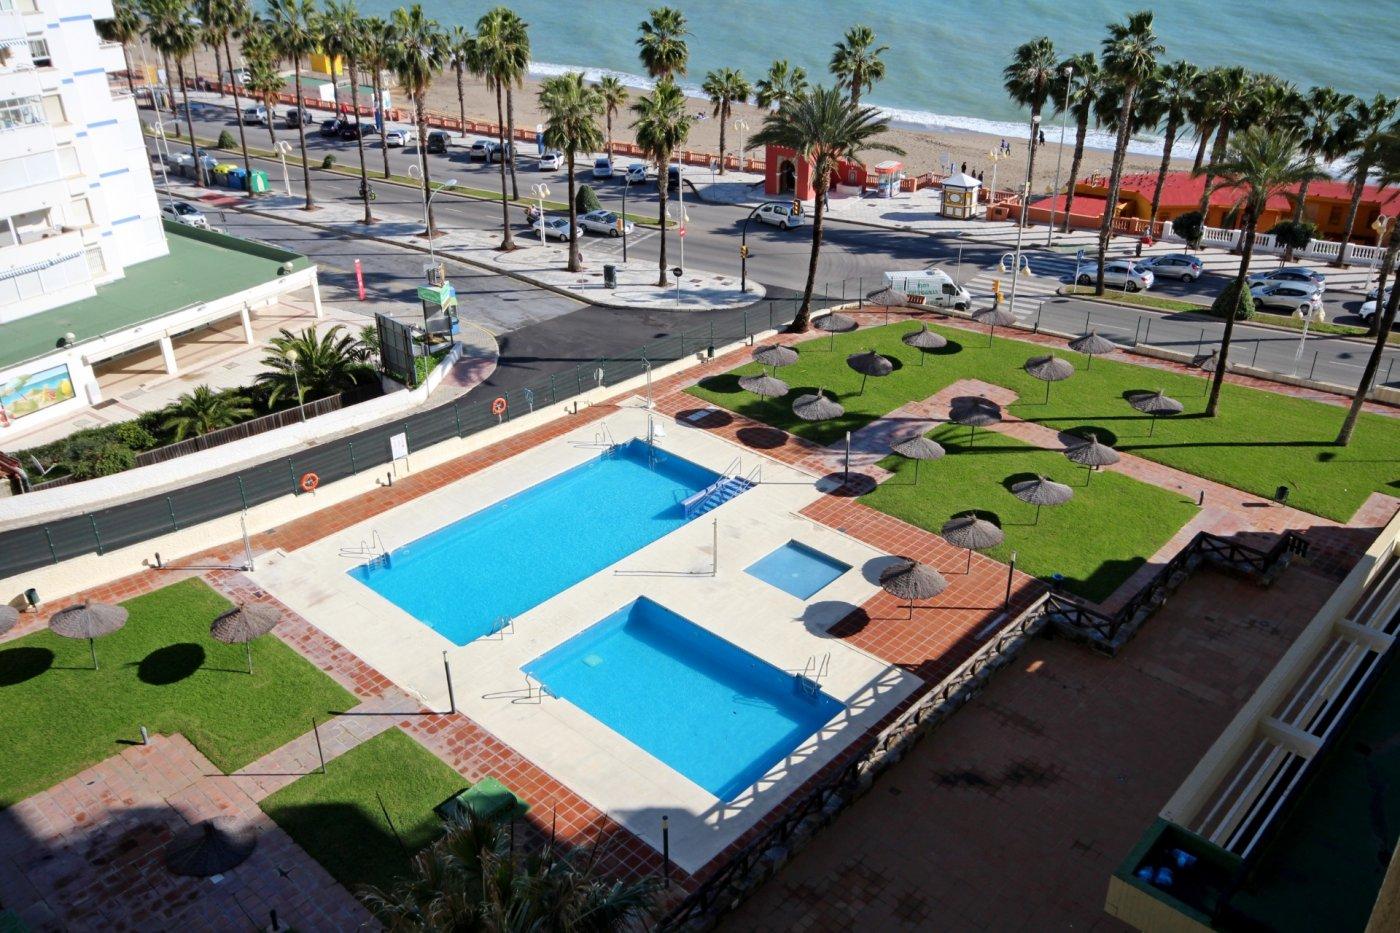 Duplex en primera linea de playa benalmadena costa - imagenInmueble4